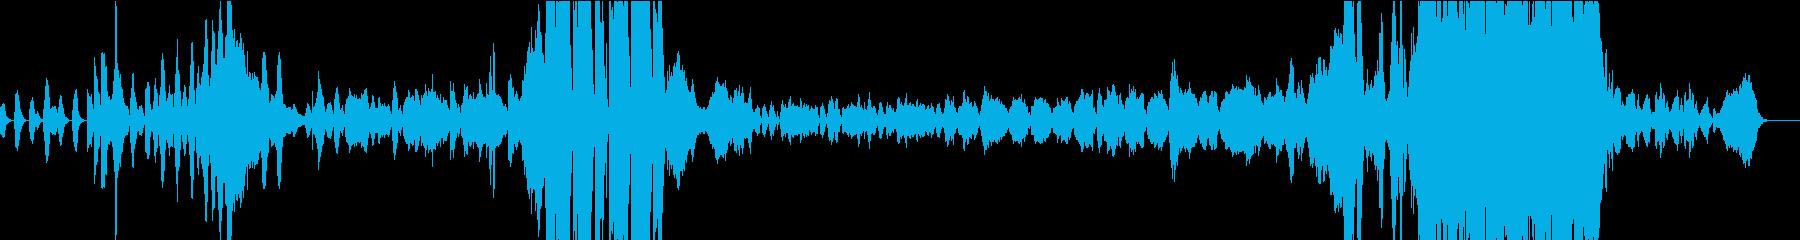 壮大な野生のドキュメントオーケストラの再生済みの波形